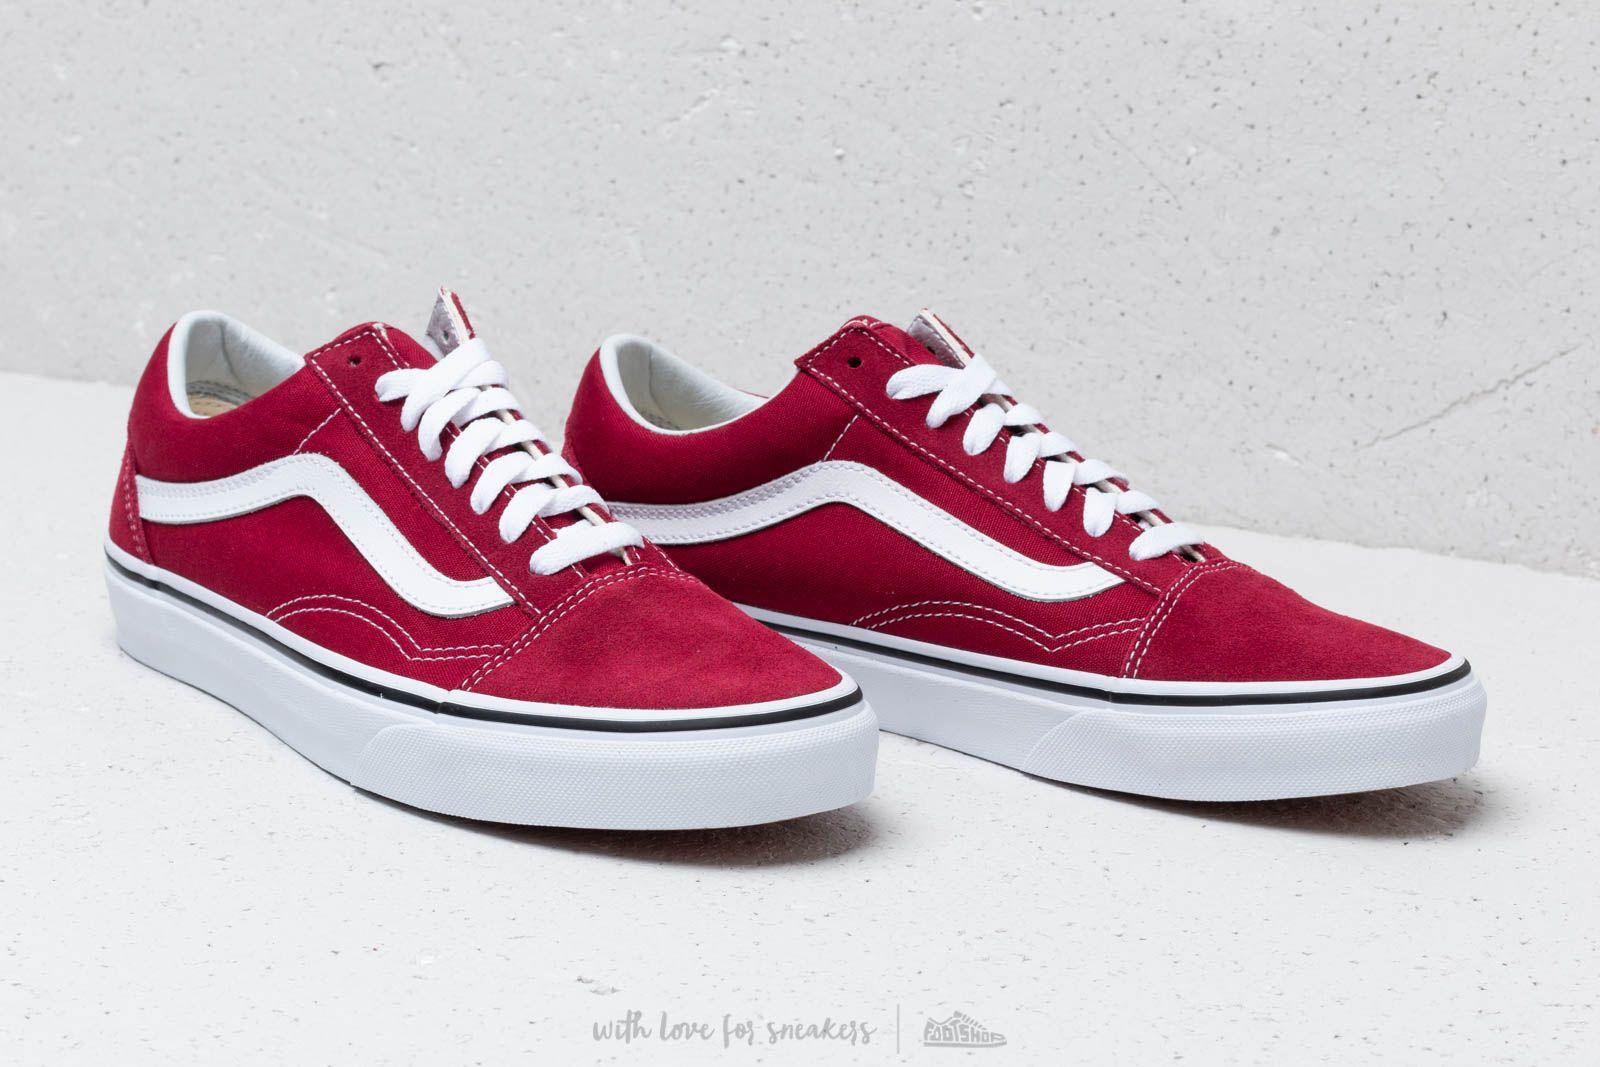 0409ef8c80a8f Footshop Rumba True Old Skool White Red Vans RTHFnqg